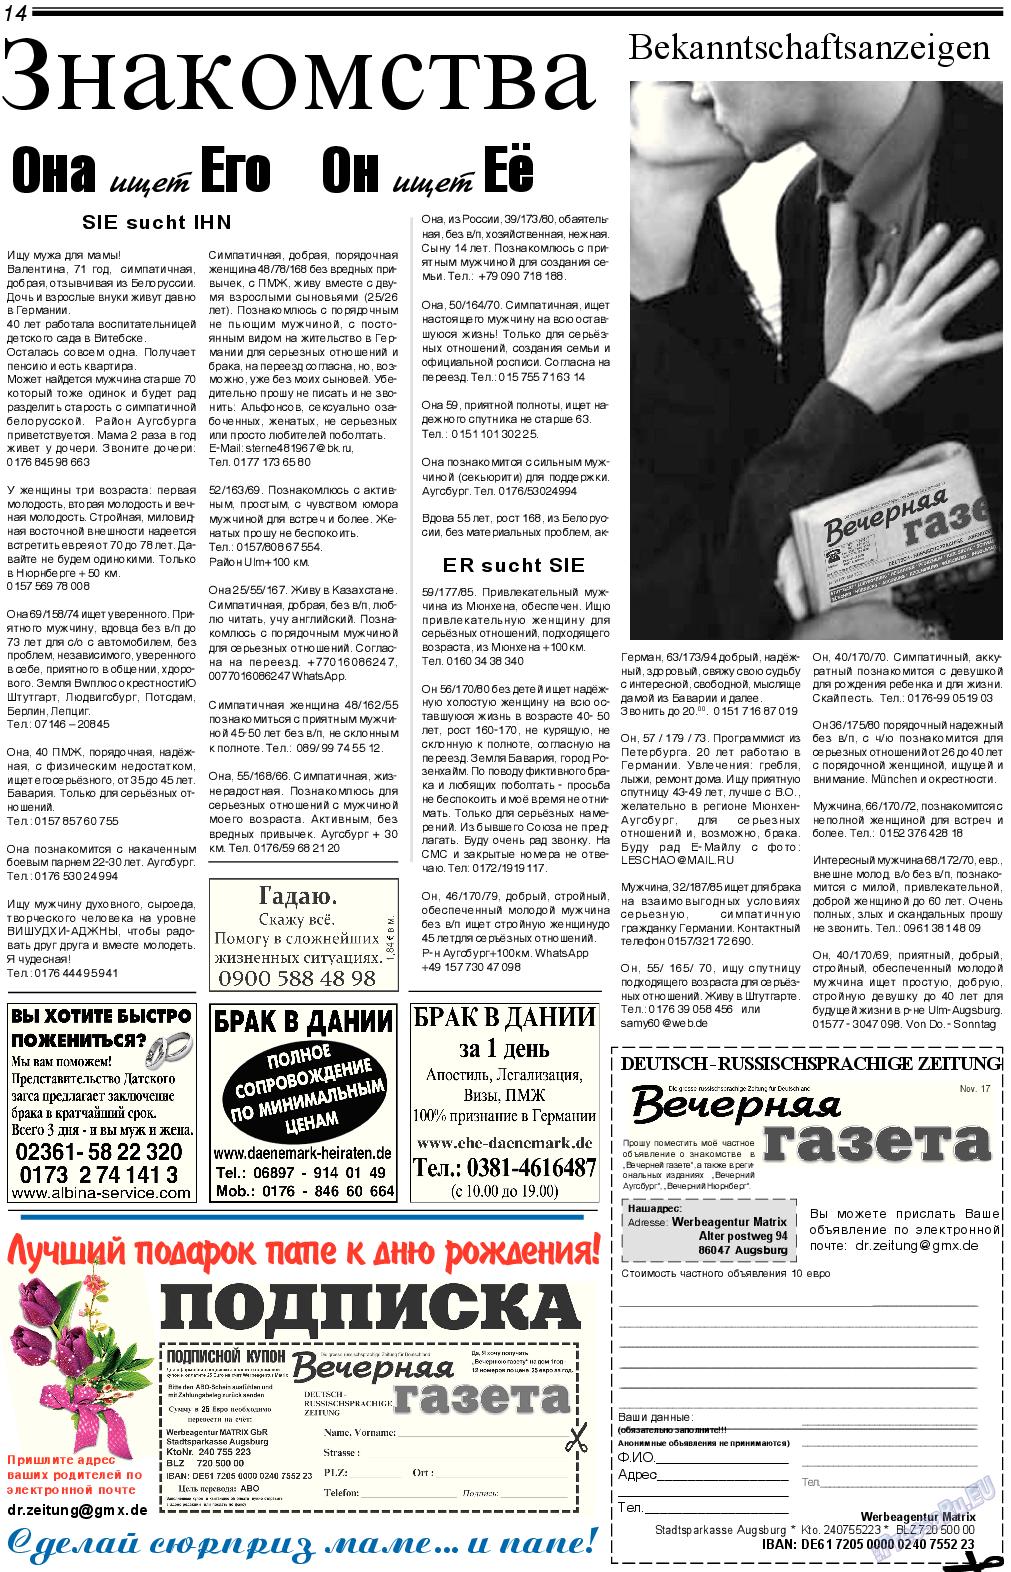 Вечерняя газета (газета). 2017 год, номер 11, стр. 14